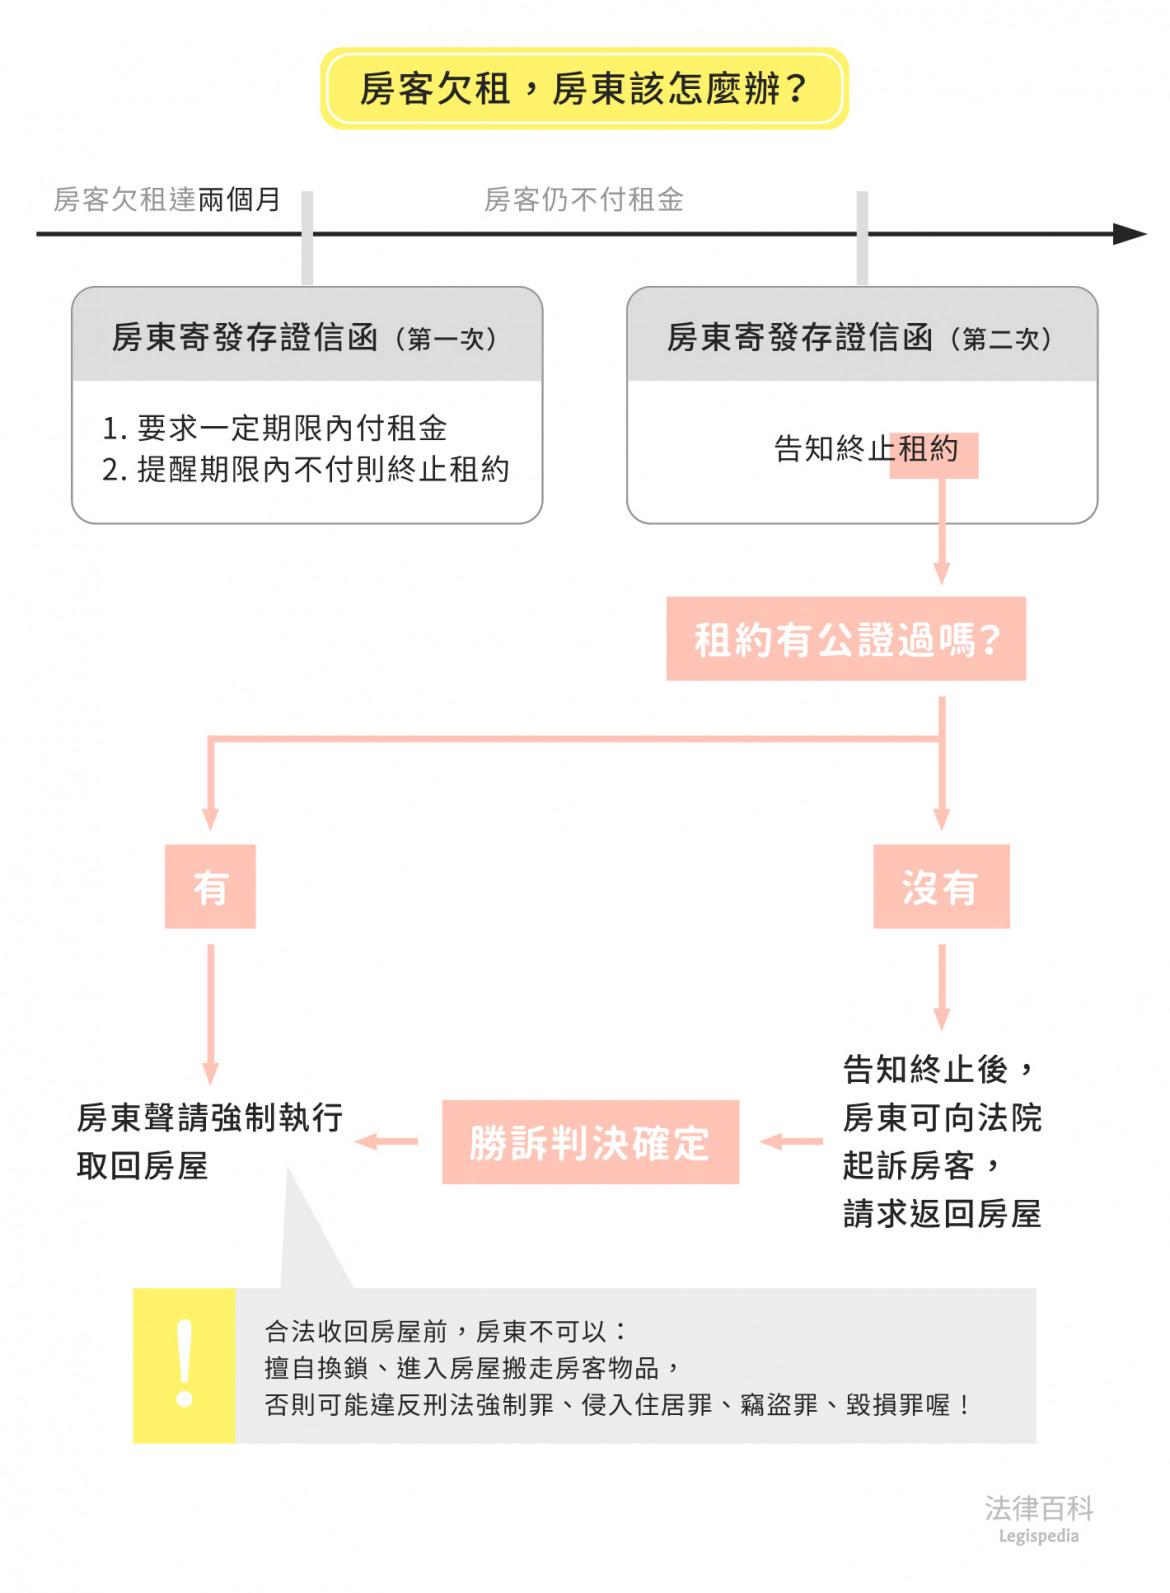 圖1 房客欠租,房東該怎麼辦?||資料來源:賴郁樺 / 繪圖:Yen